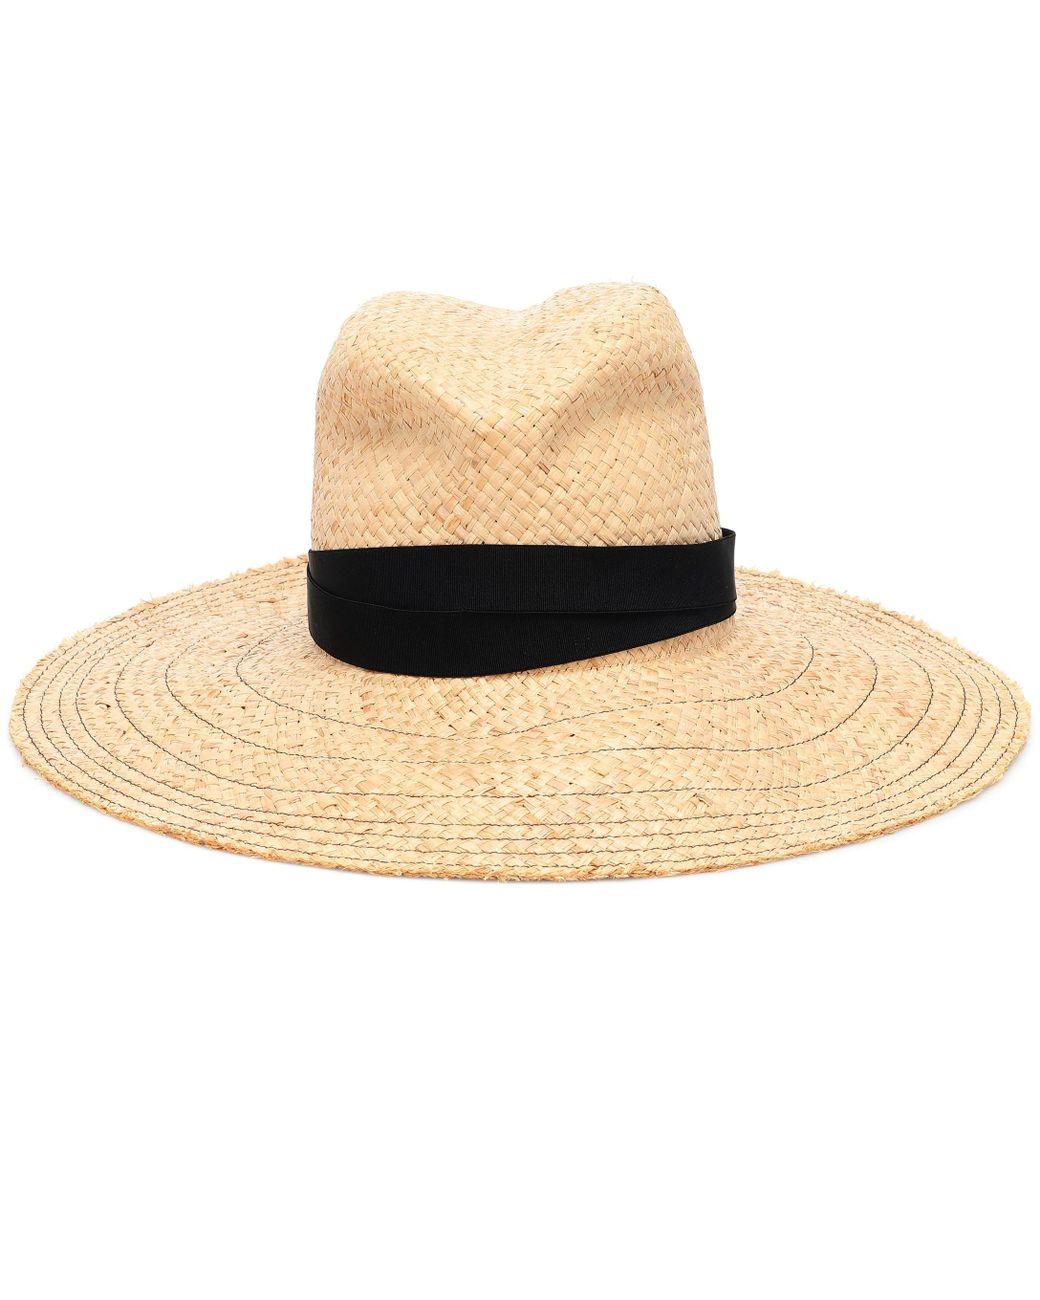 6499ba9427c Lola Hats Snap First Aid Raffia Hat in Black - Lyst